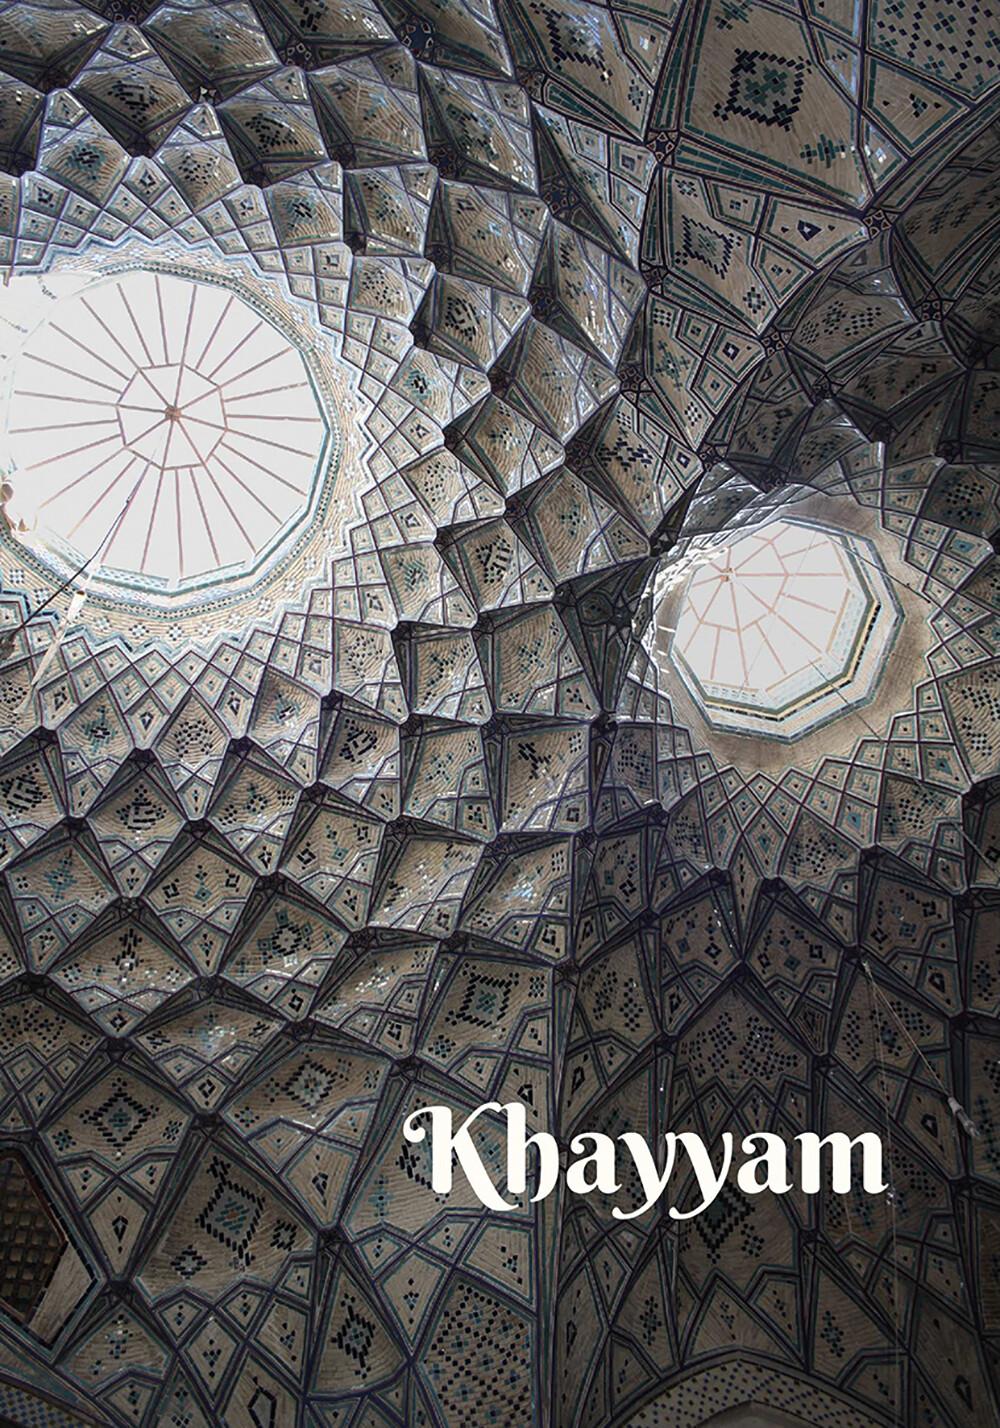 Khayyam